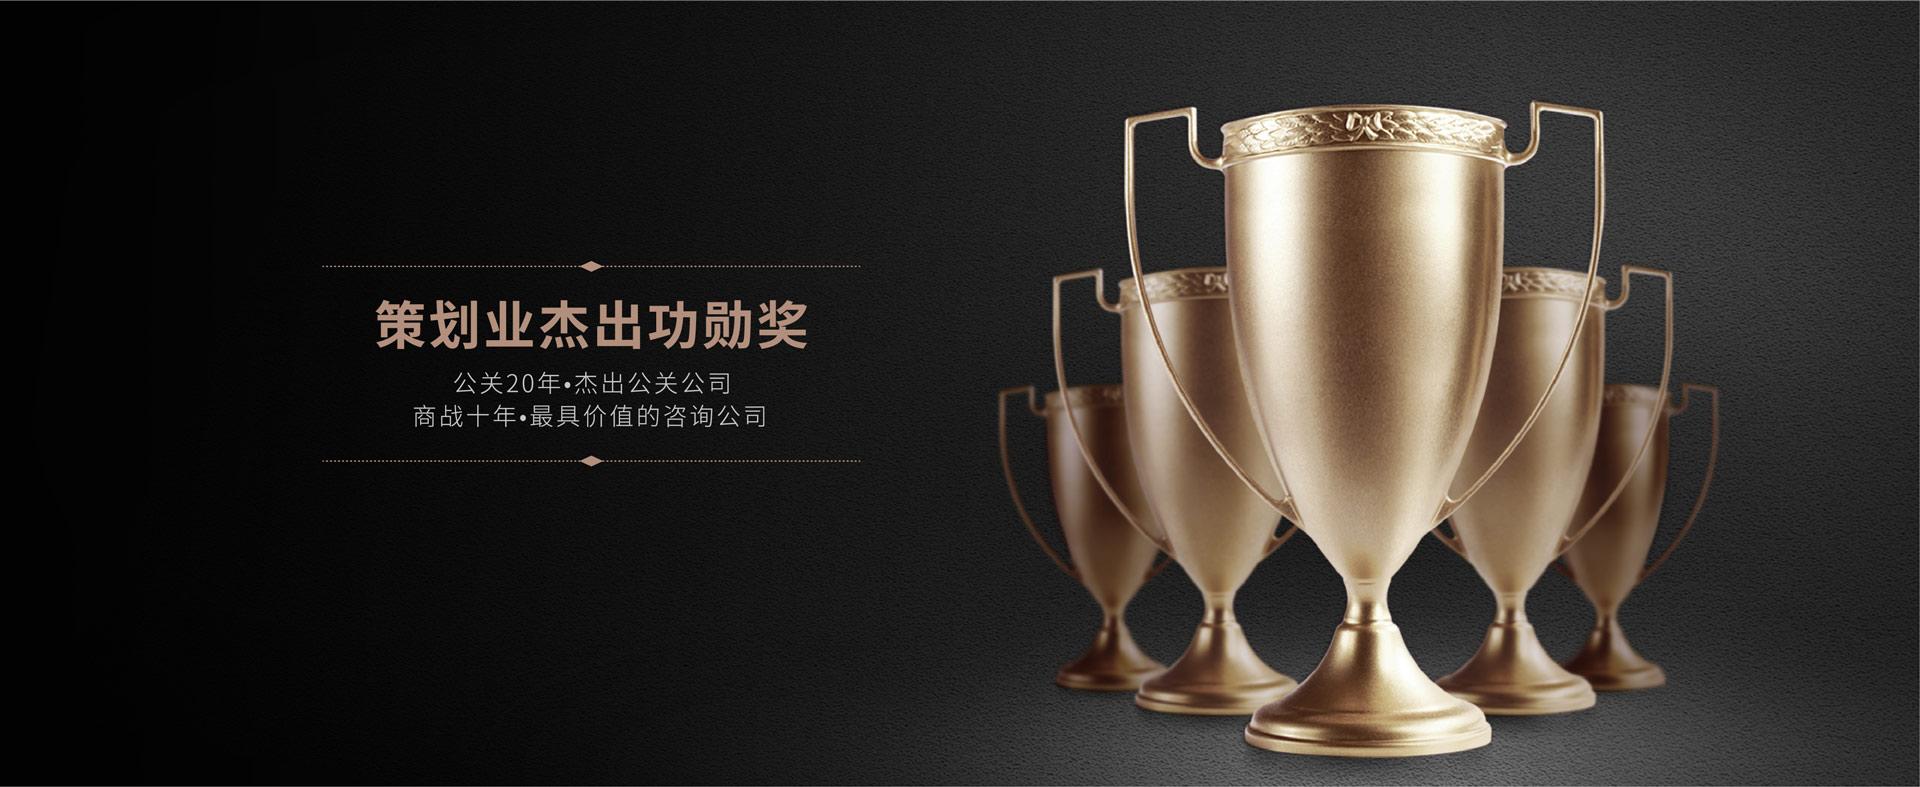 中国企业营销策划业杰出贡献奖